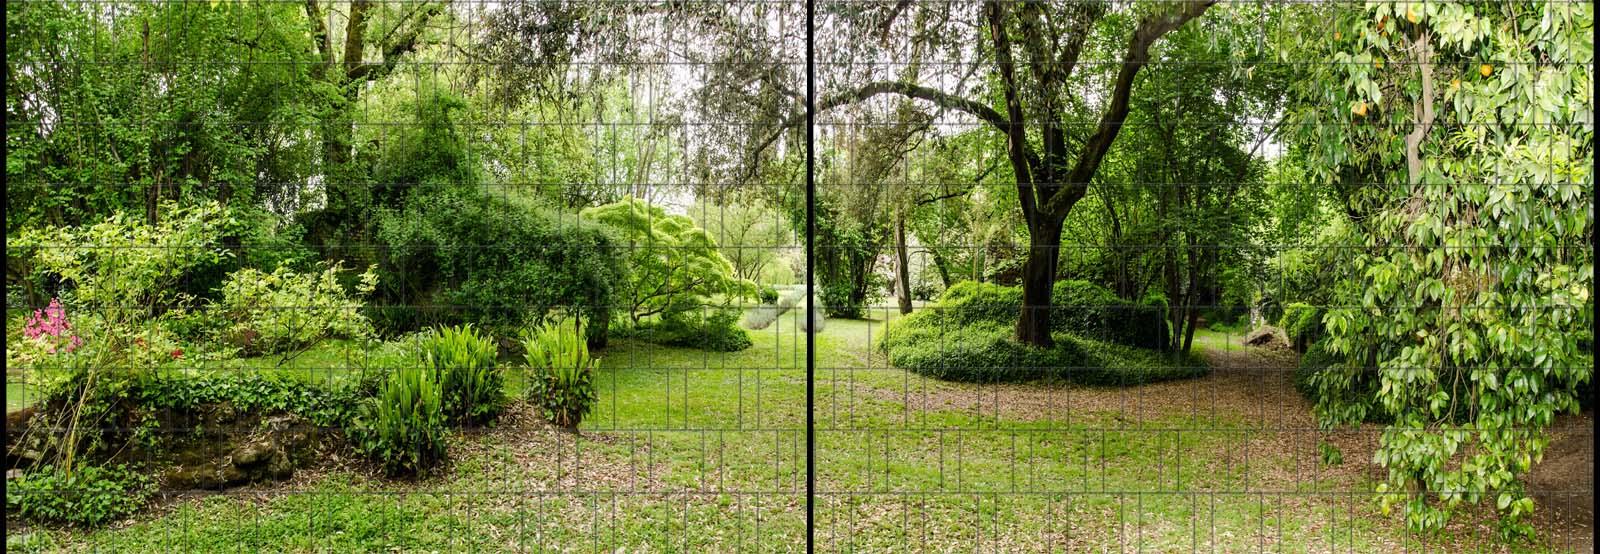 Sichtschutz Panorama Mit Park Landschaft Motiv Bedruckt Garvels